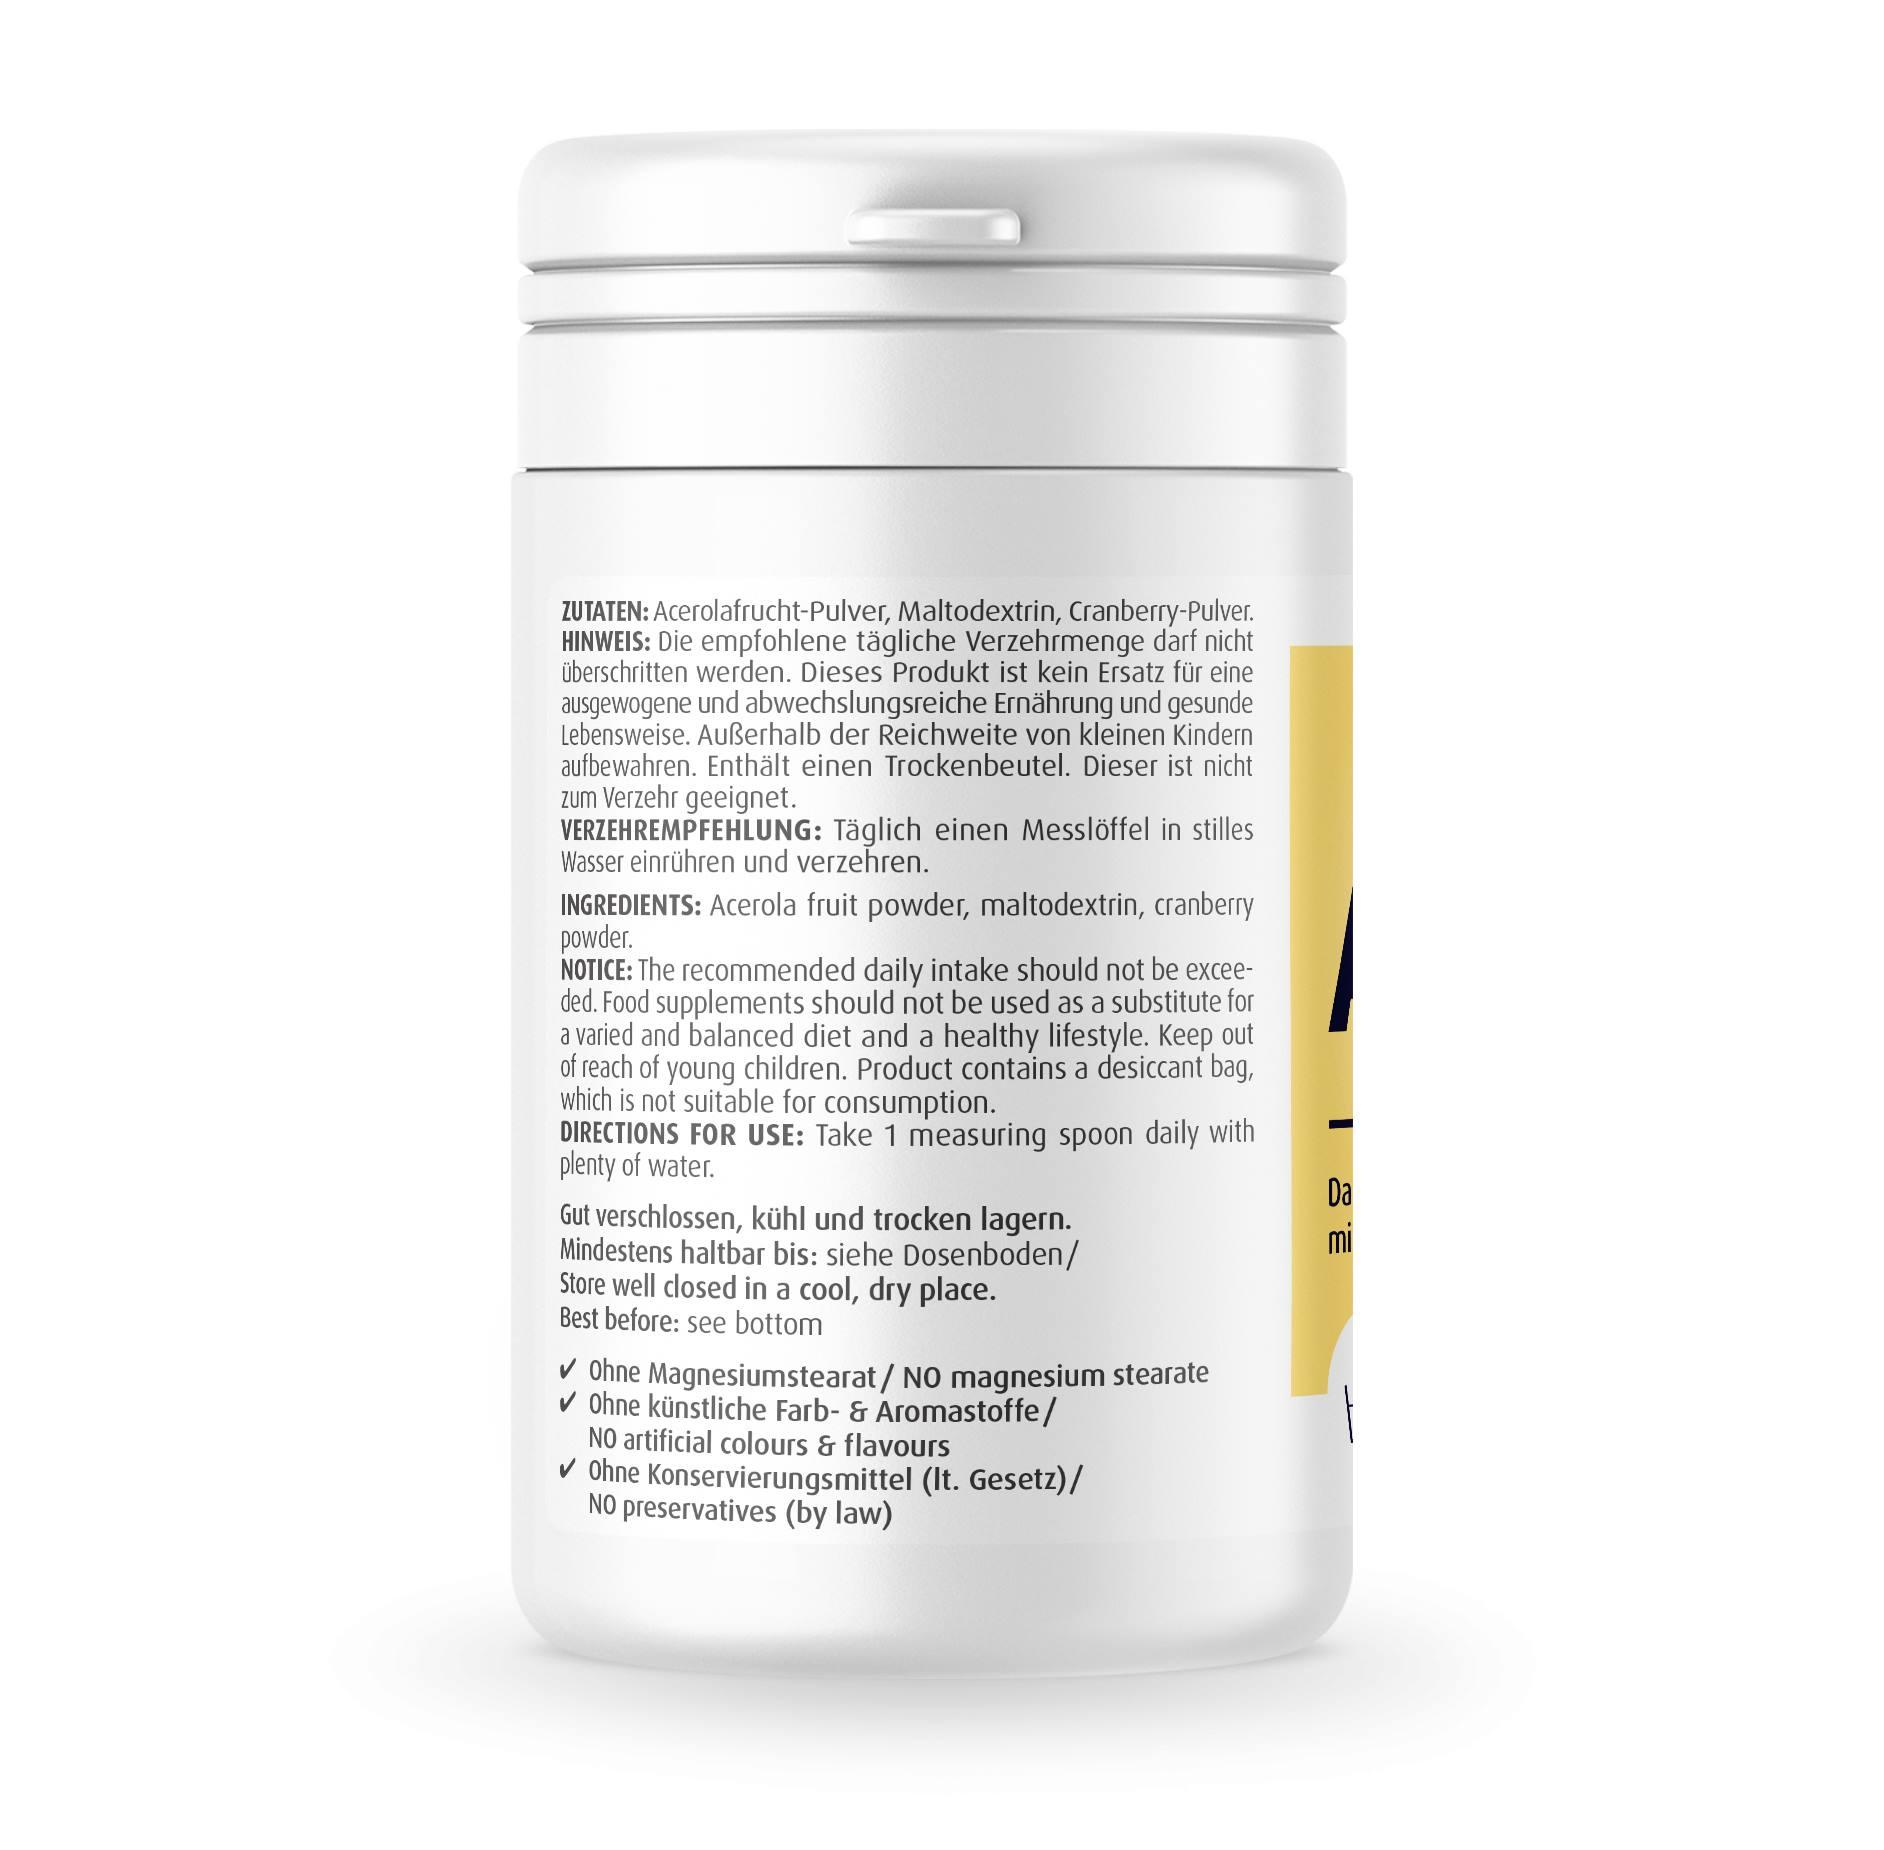 Acerola pur Pulver 150 g